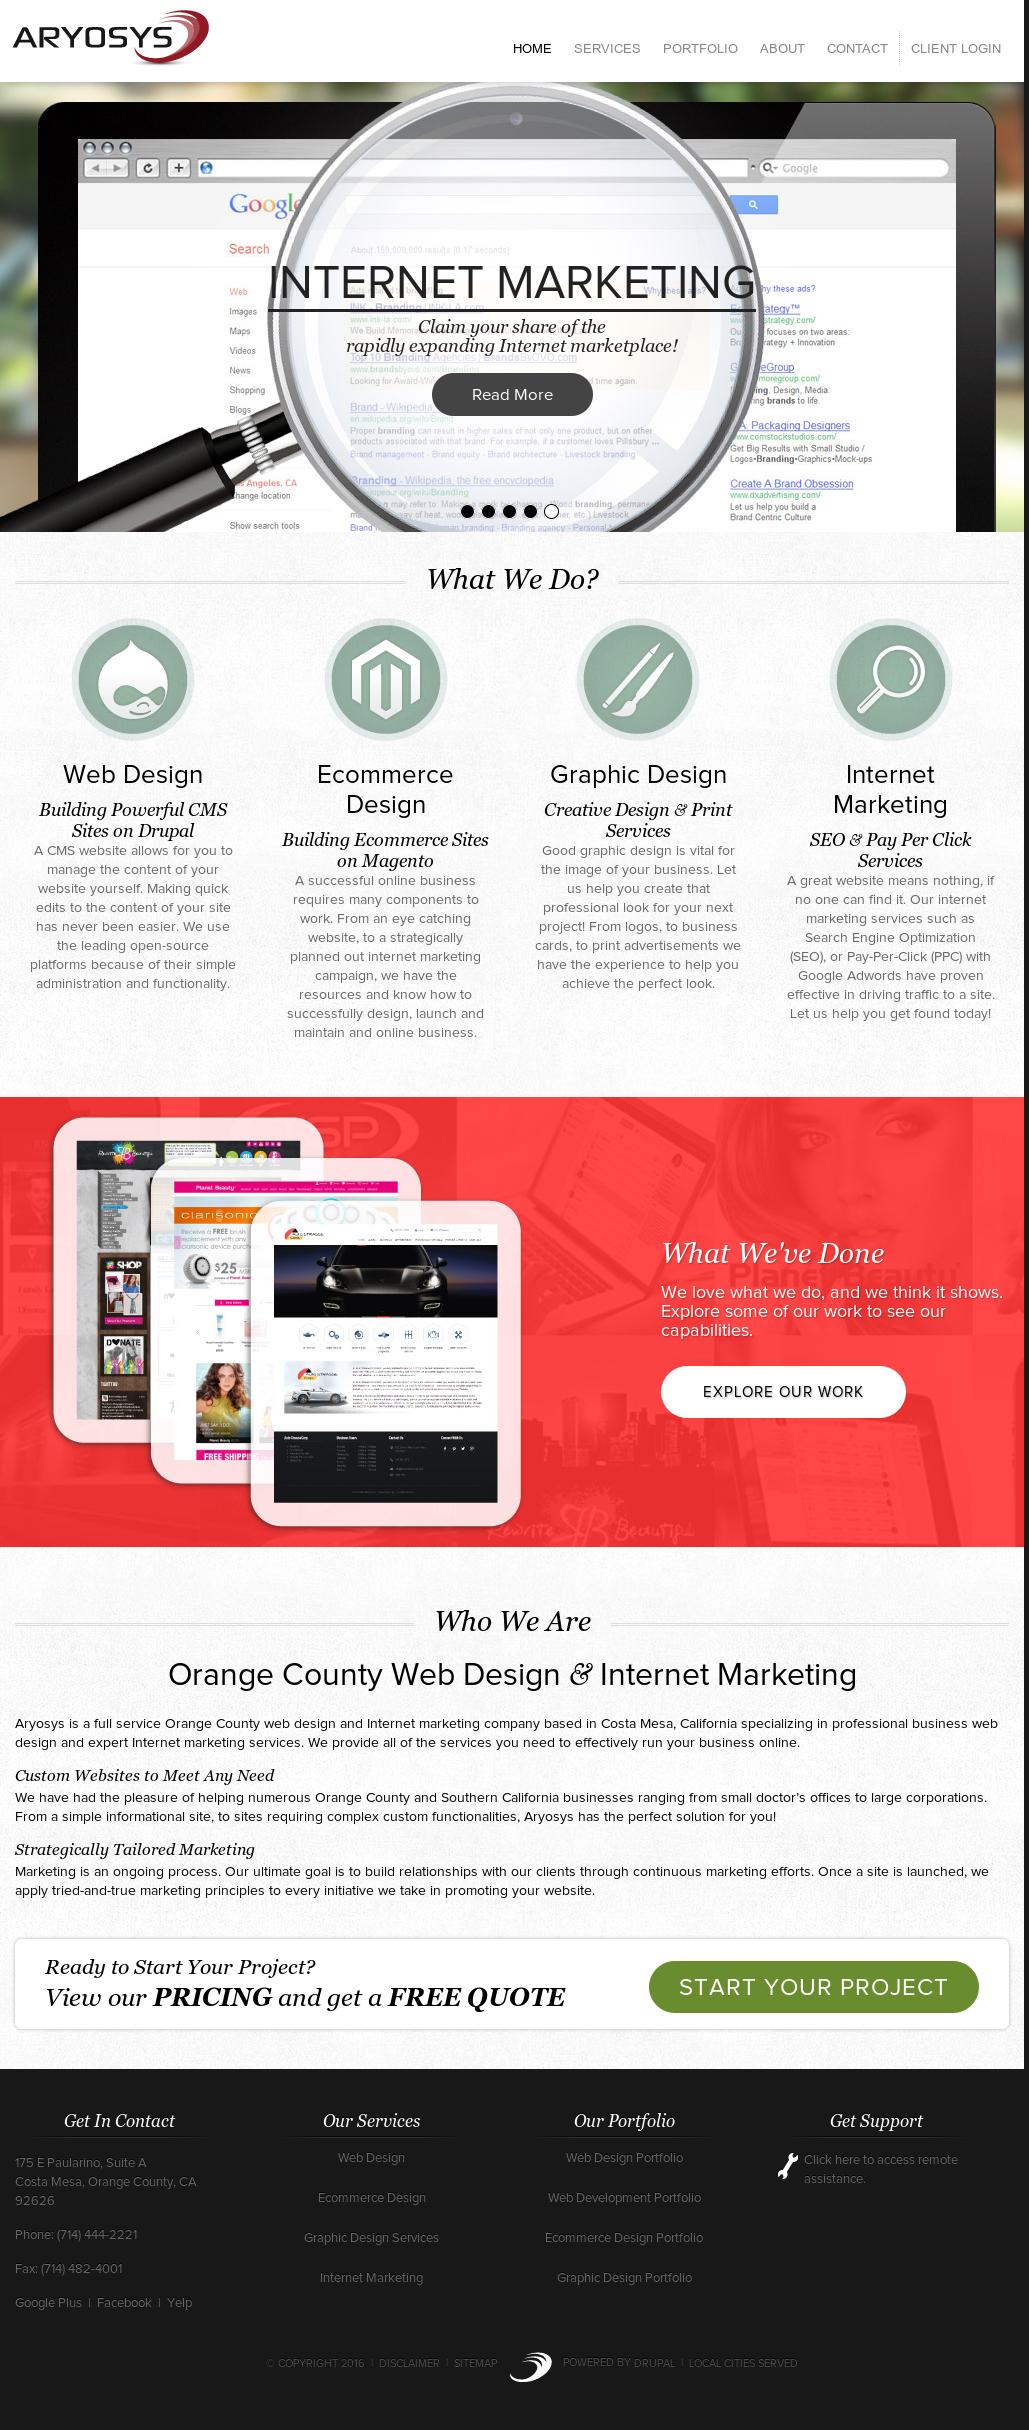 Aryosys | Orange County Web Design & Seo Competitors